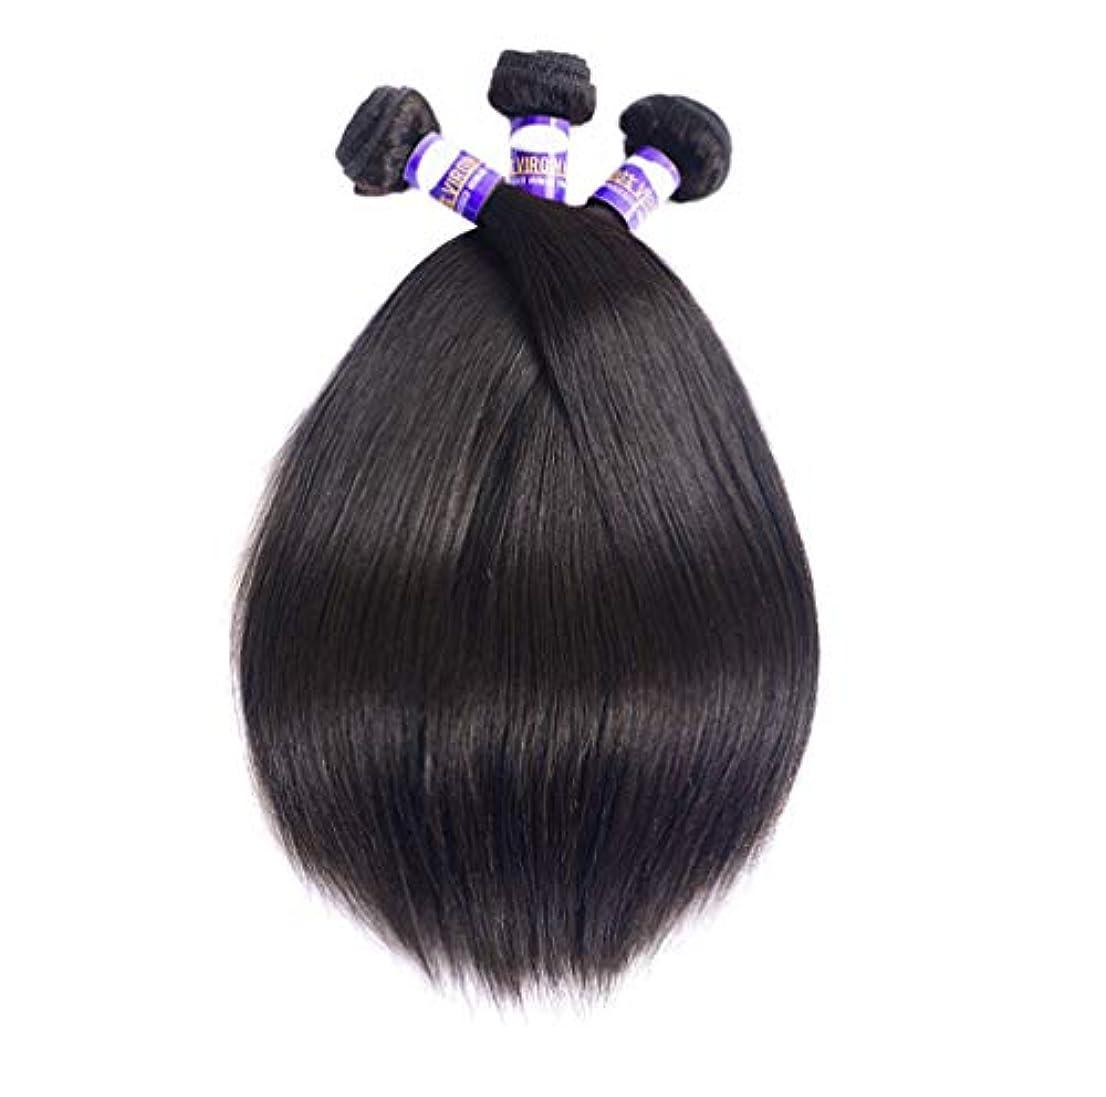 確かめる回答故障中女性ブラジル髪織り髪束ストレートフリーパーツ未処理ブラジルストレート髪バンドル8Aストレート人間の髪の束(3バンドル)